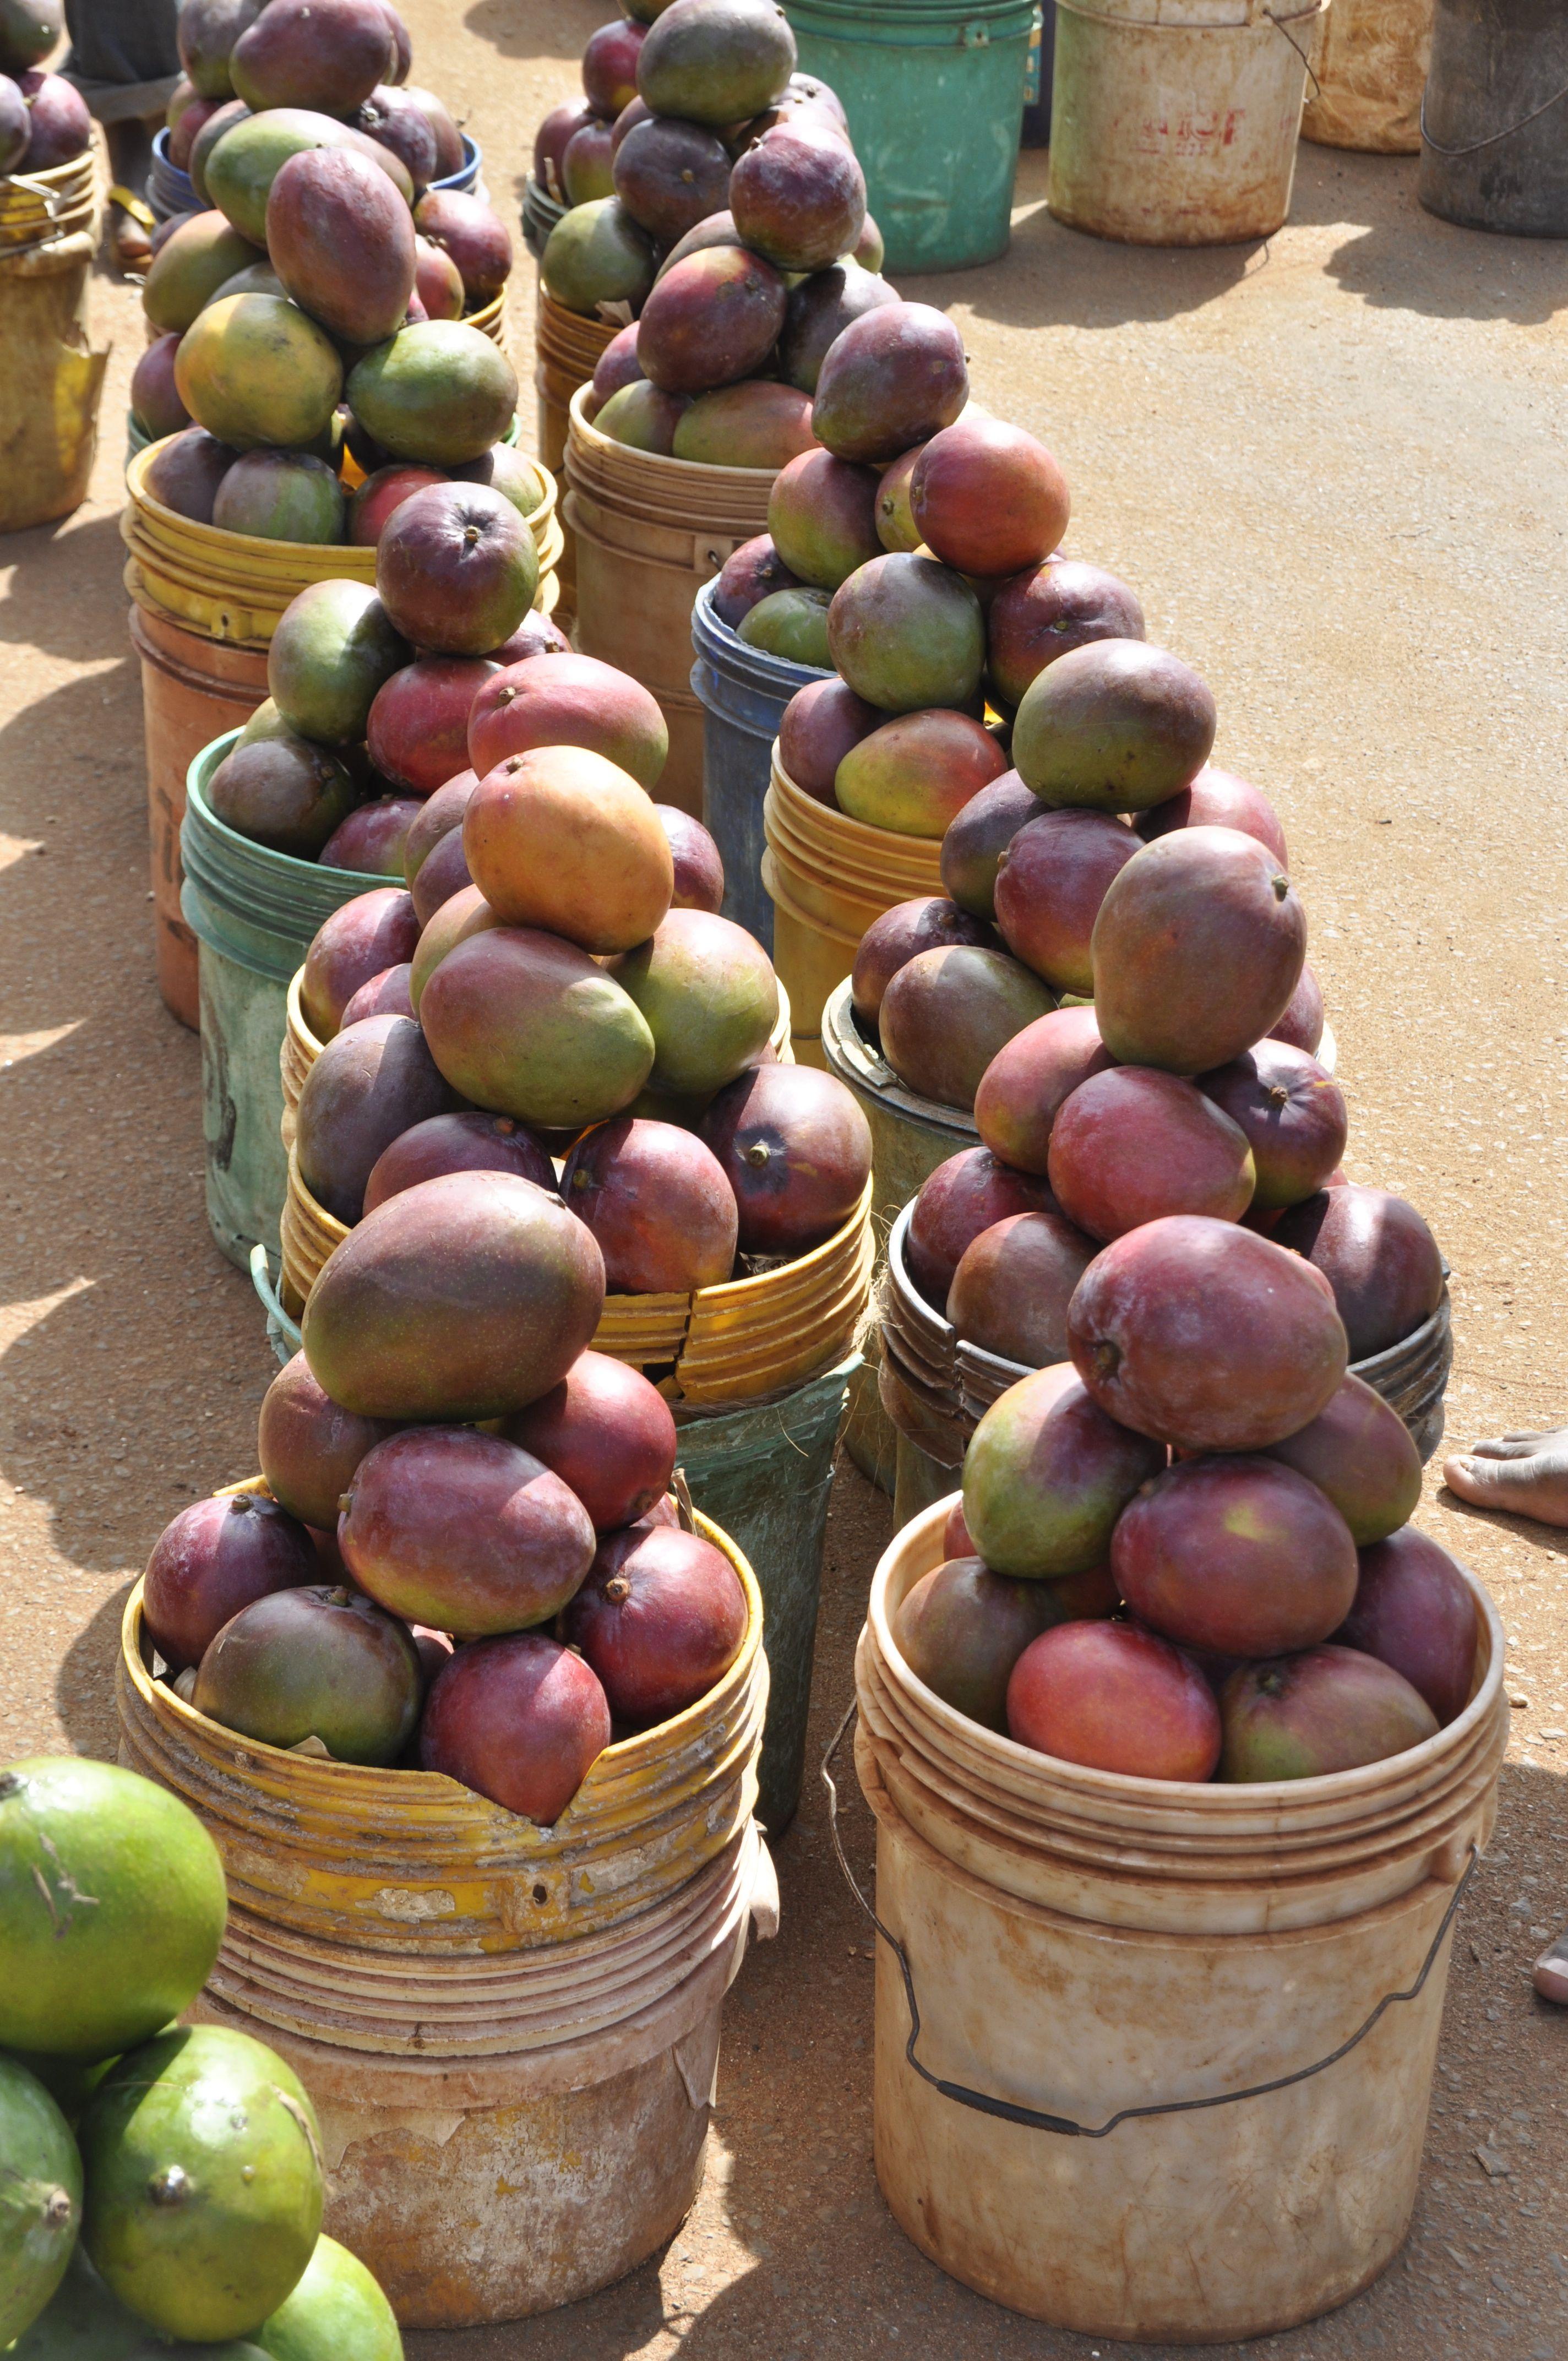 Tanzania Markets